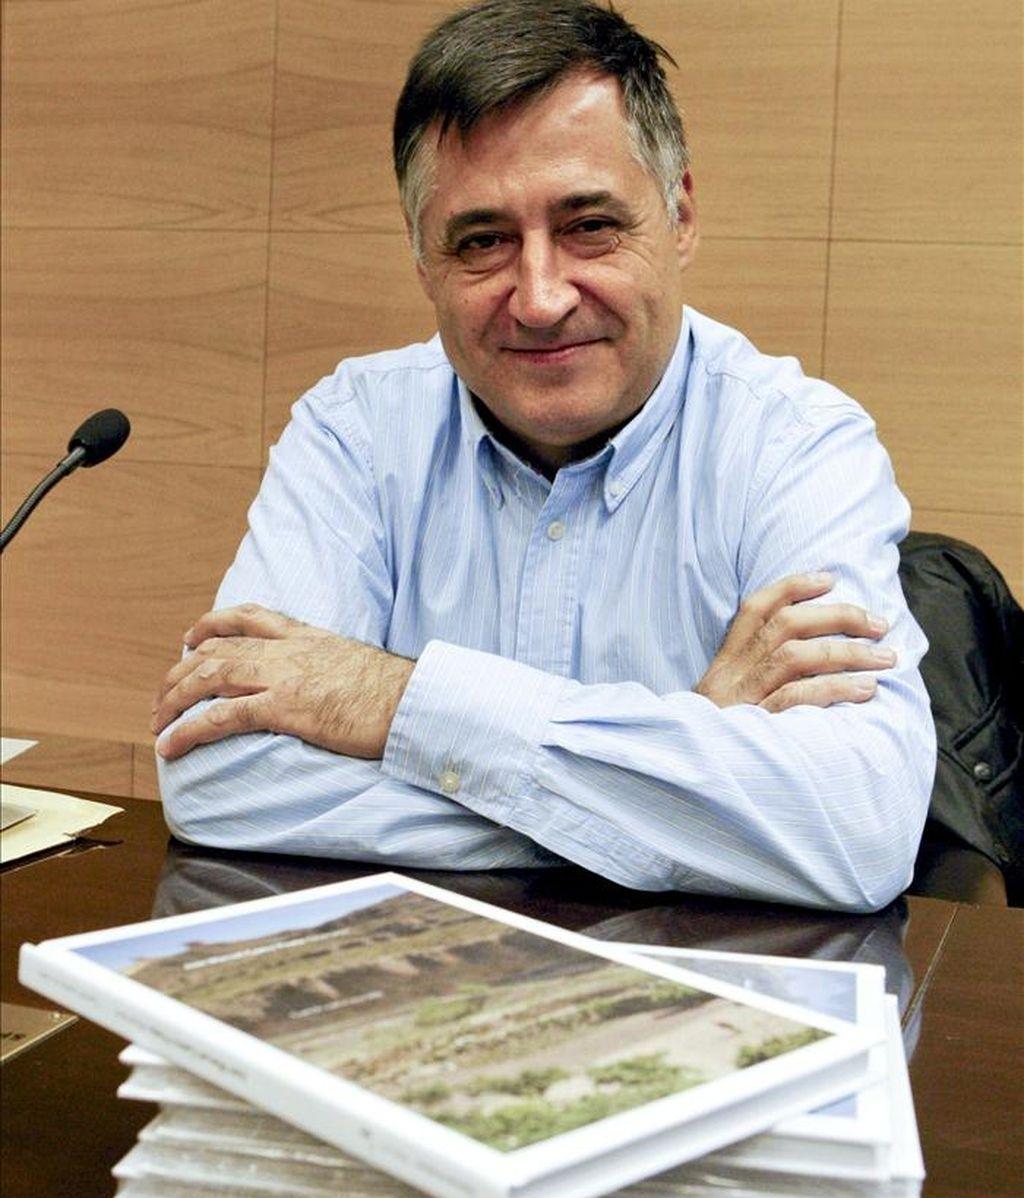 El fotoperiodista Gervasio Sánchez. EFE/Archivo